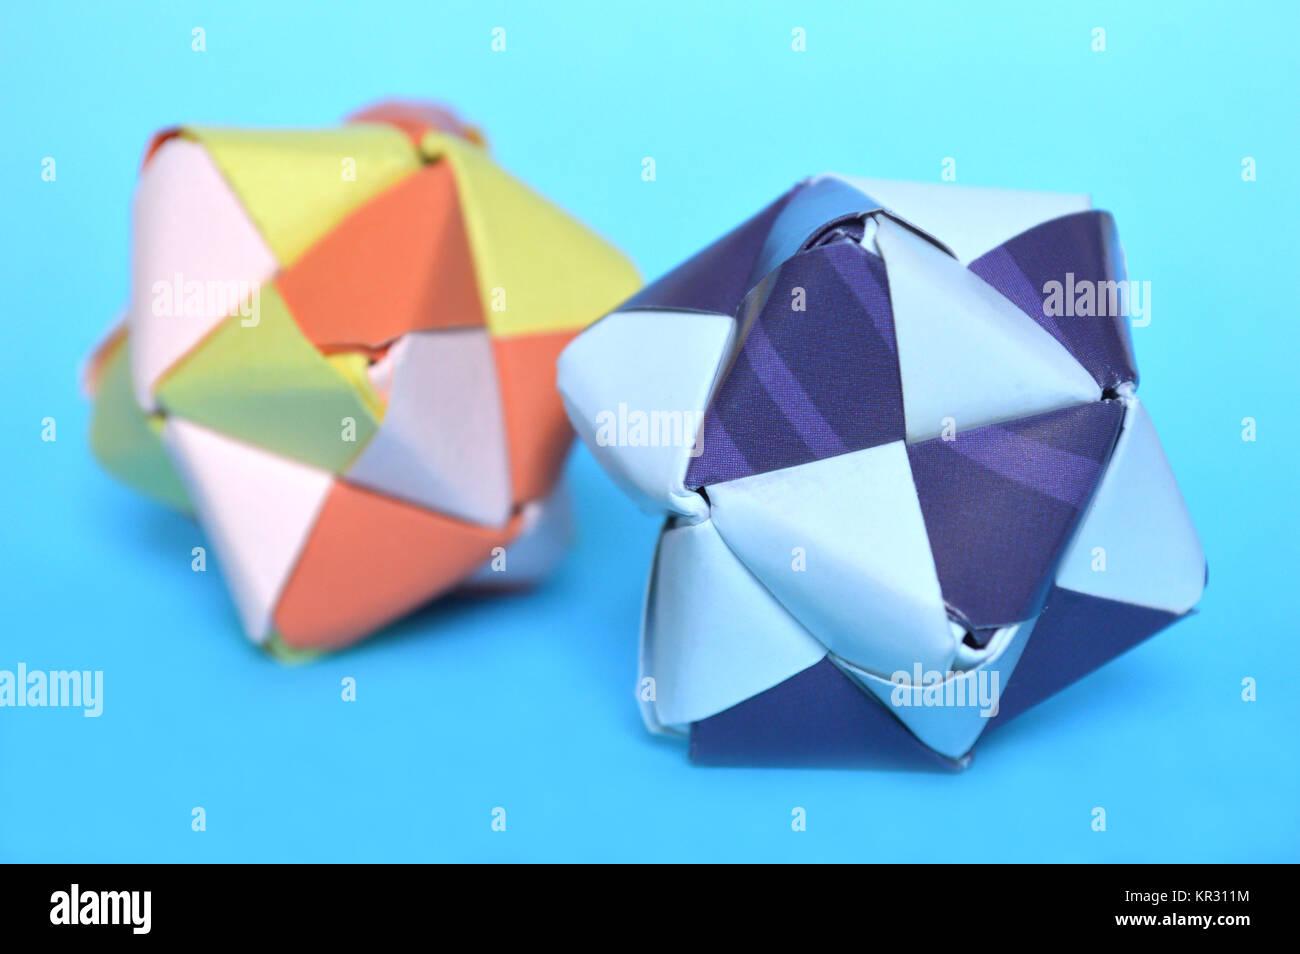 Star Sonobe (Design by Maria Sinayskaya) | OrigamiAncy | 954x1300